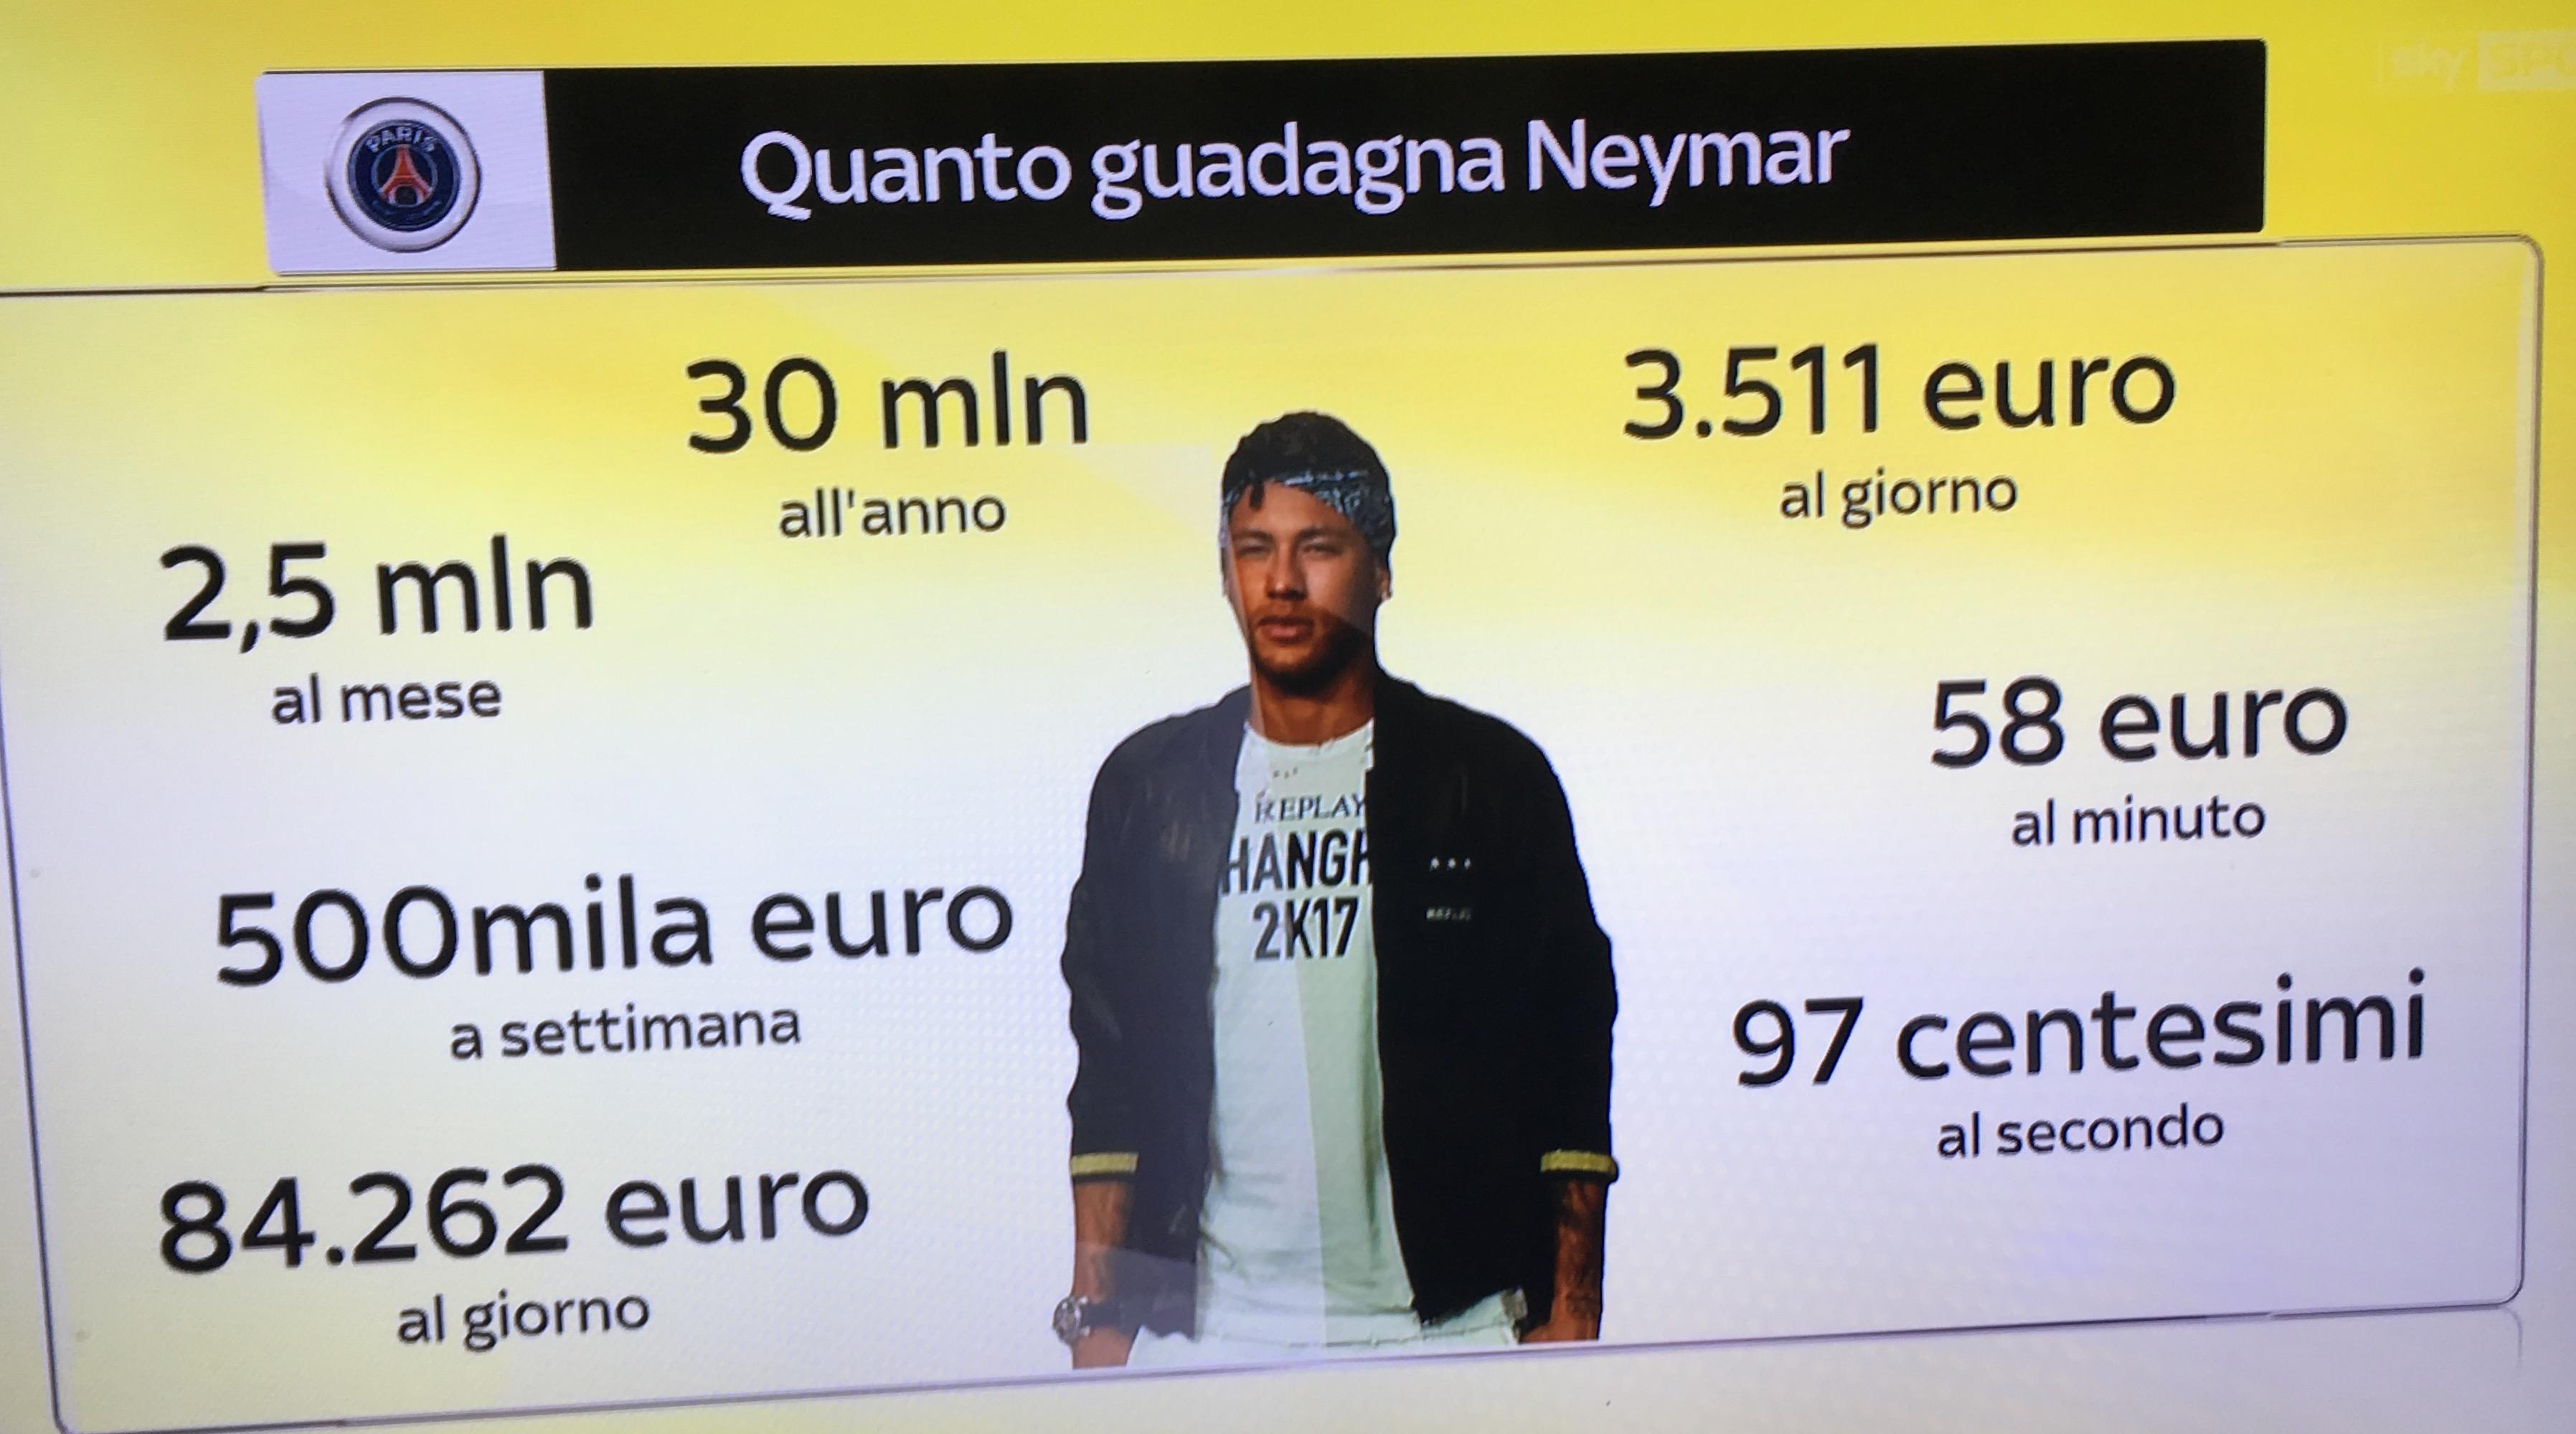 Neymar (di Francesco Giorgioni)